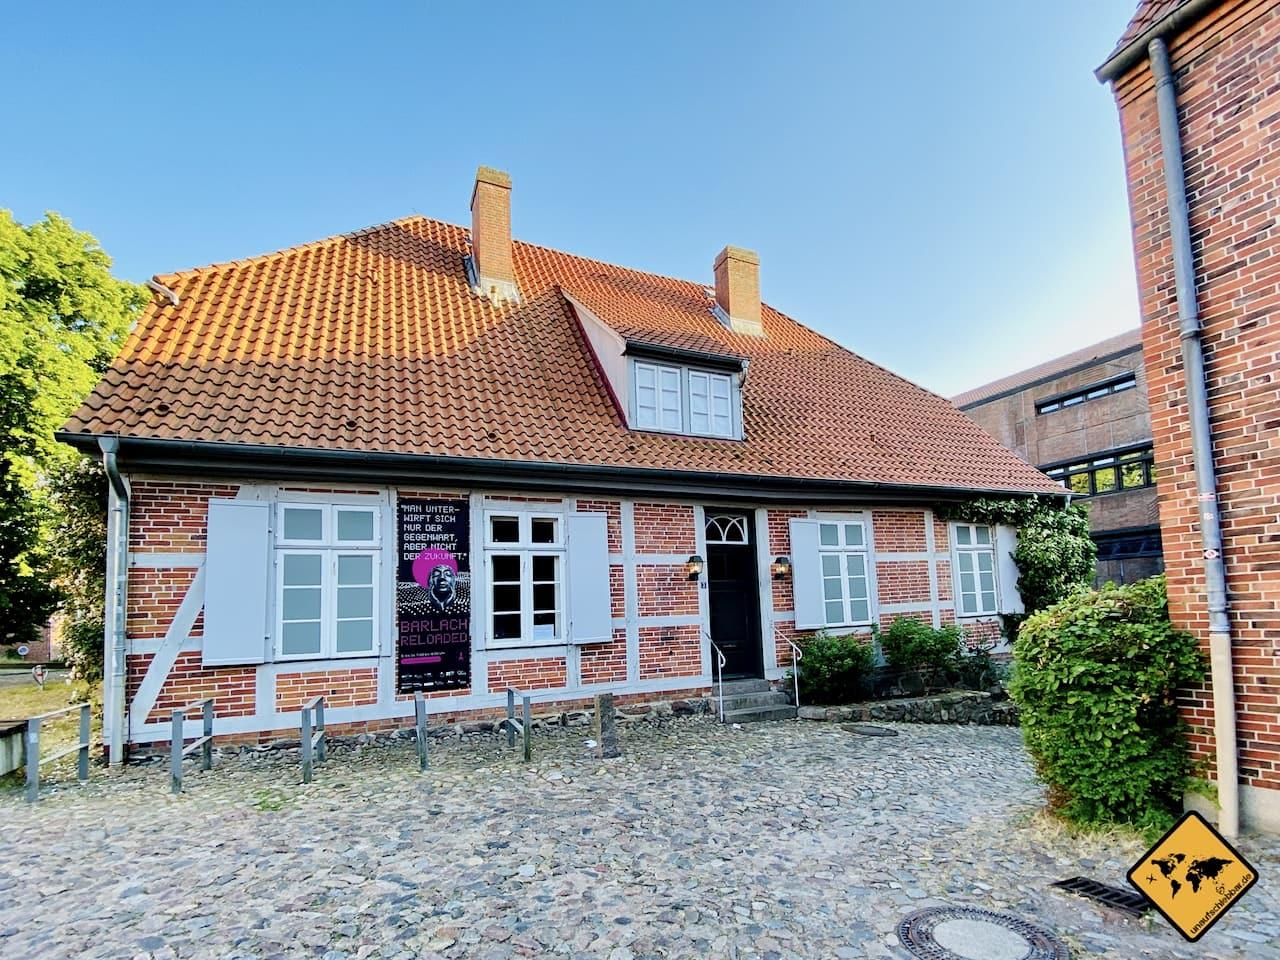 Sehenswürdigkeiten Ratzeburg Barlach Museum